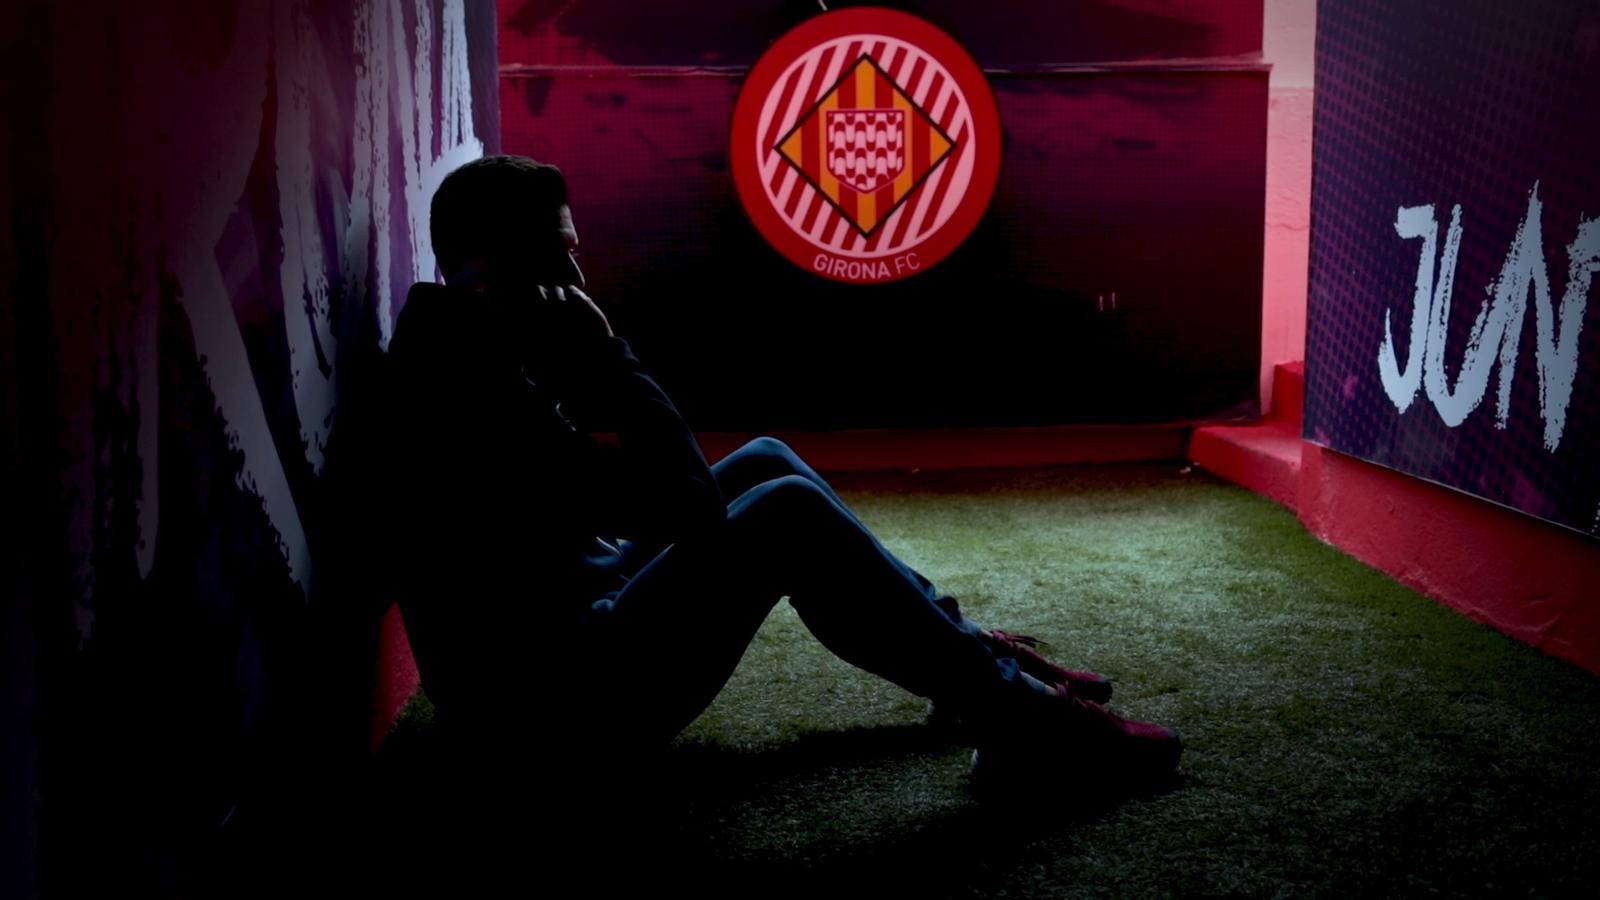 Àlex Granell i el seu pare, protagonistes de l'anunci abans del Girona-Madrid